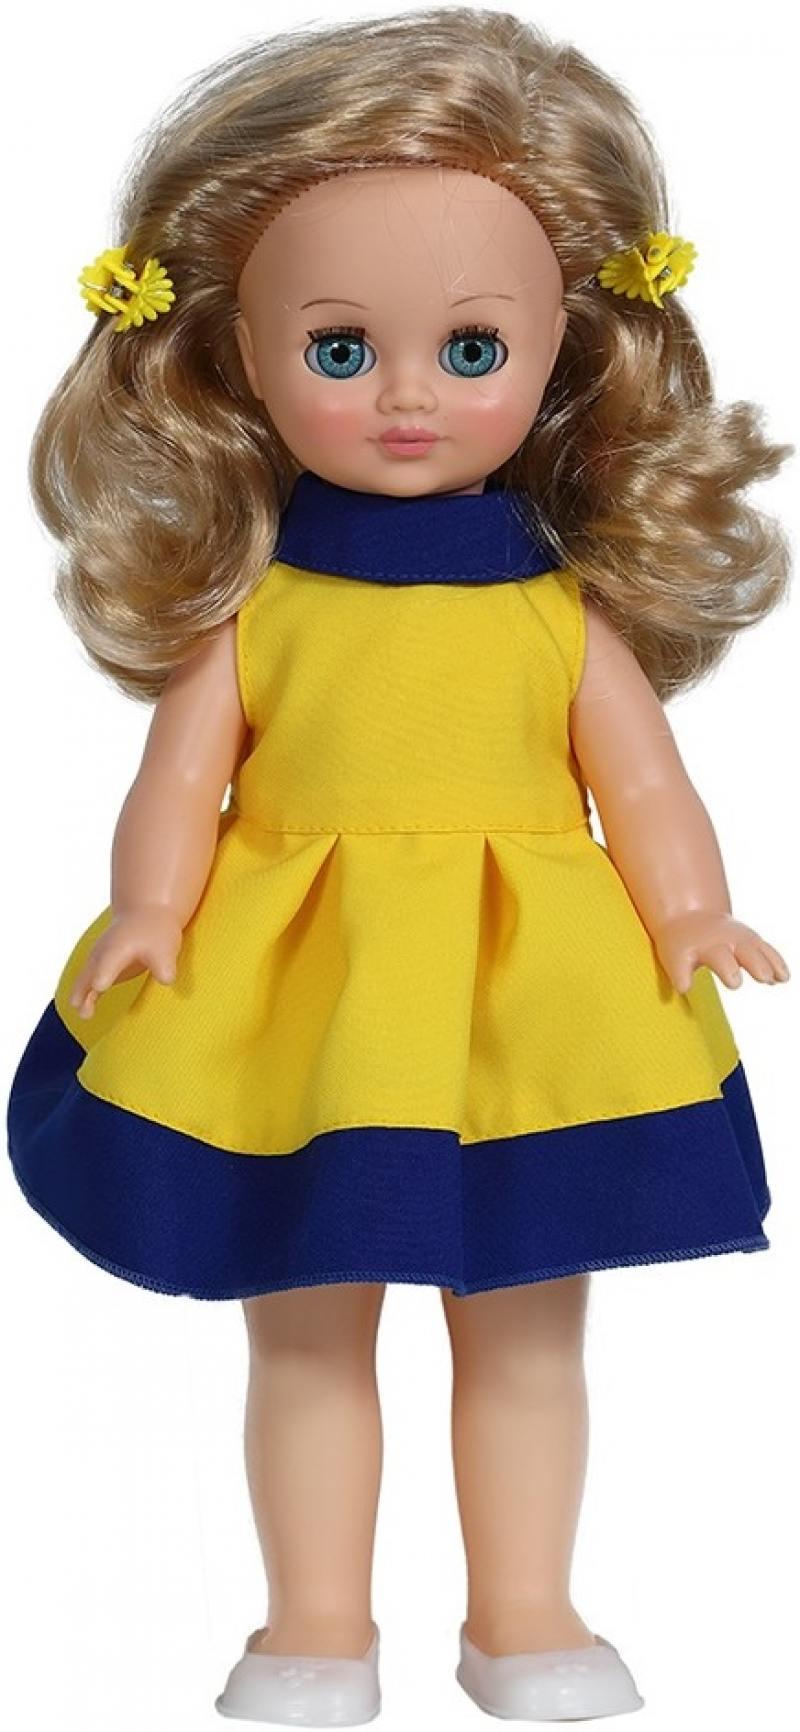 Кукла ВЕСНА Герда 7 (озвученная) В2796/о кукла весна лиза 1 озвученная в35 о